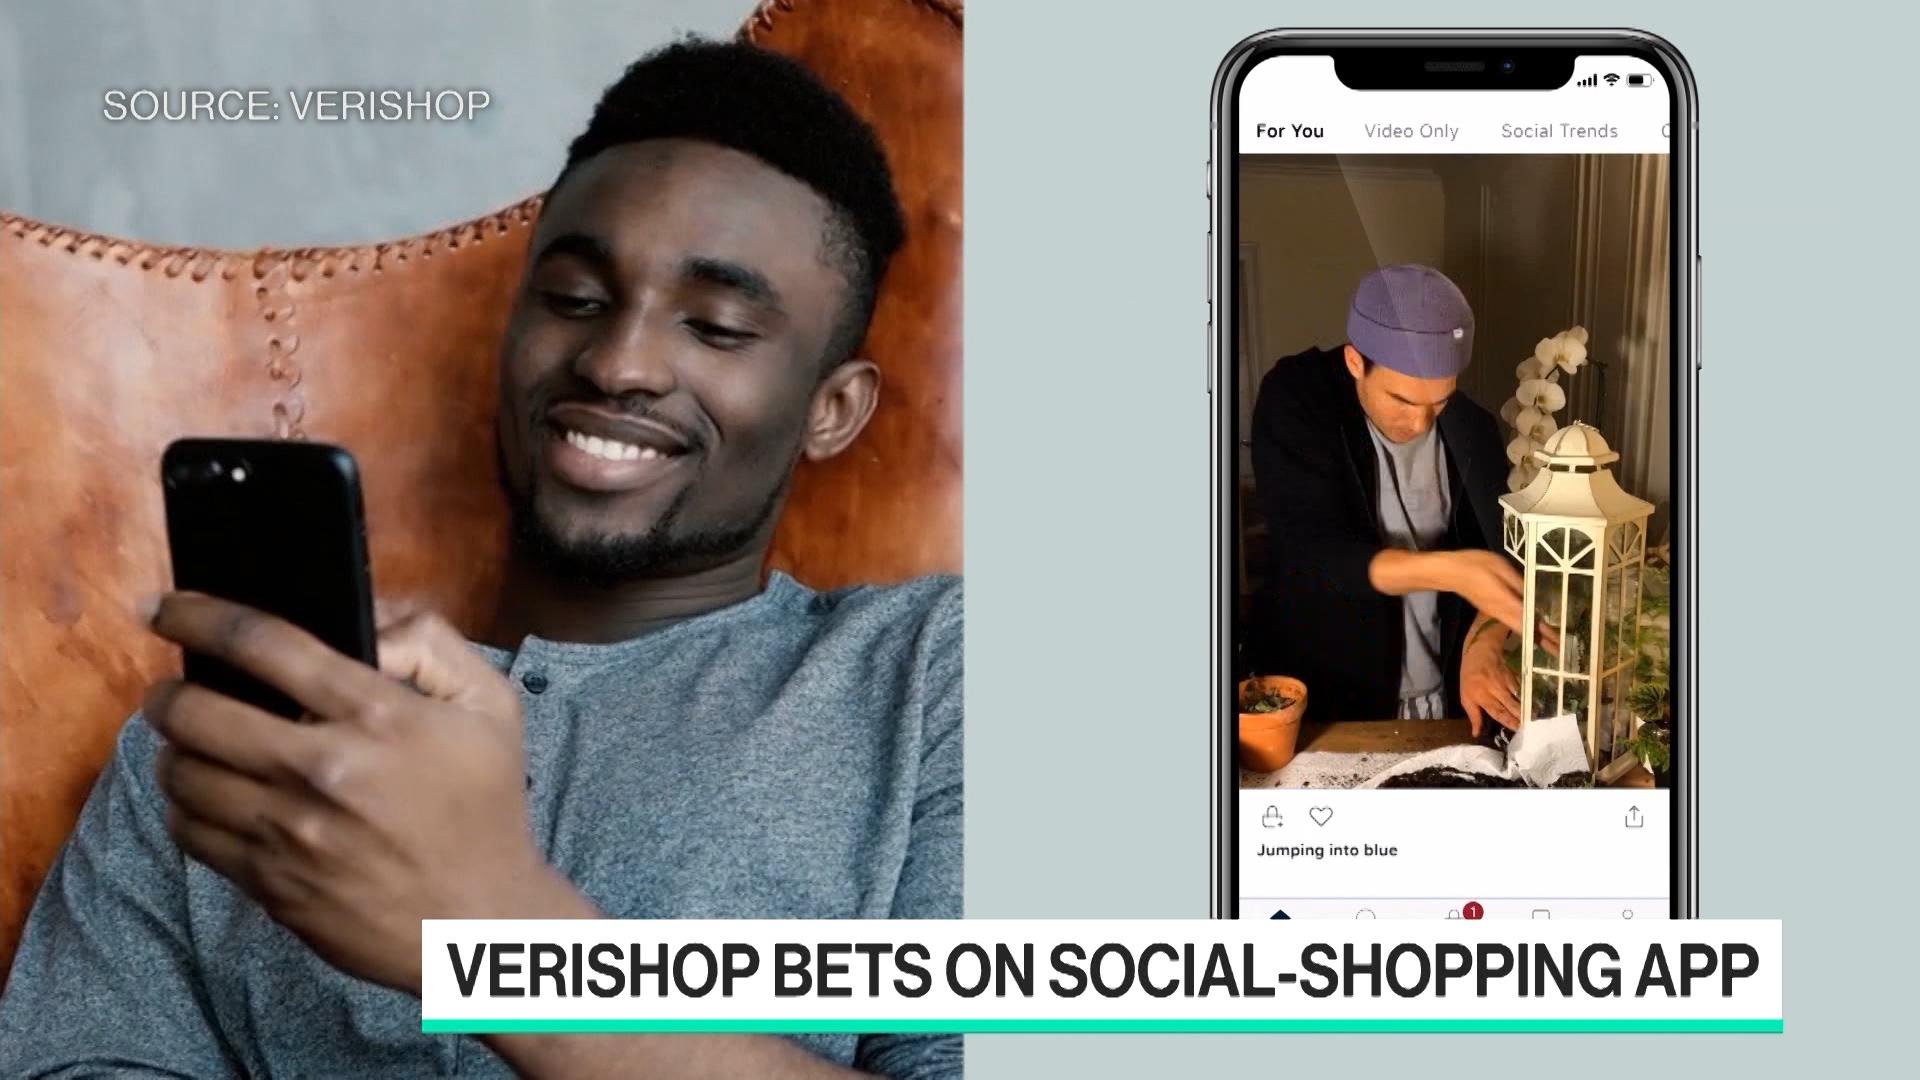 Verishop Bets on Social-Shopping App